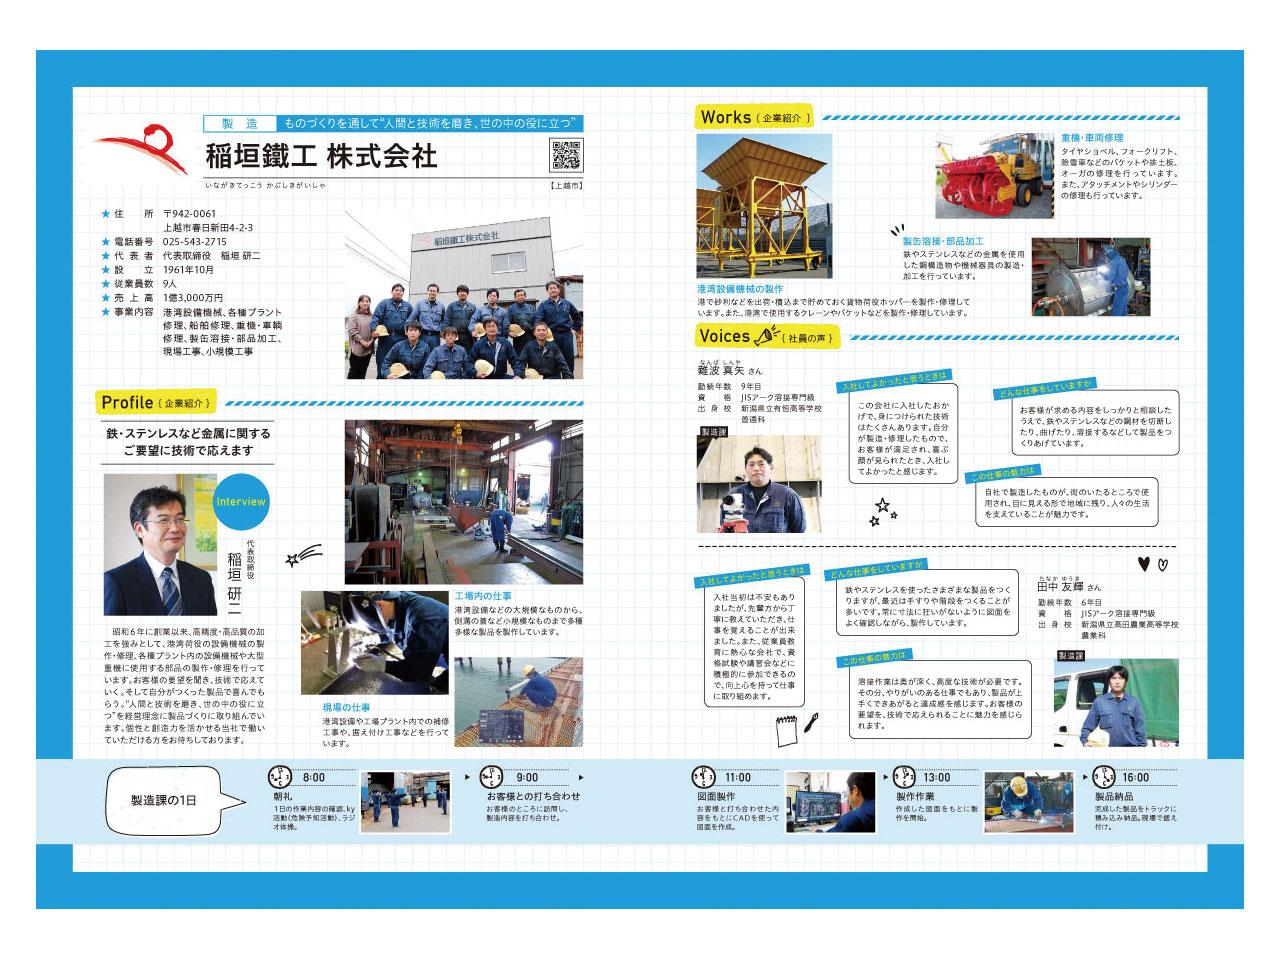 上越の地元企業情報誌「Debut!」に掲載されました。